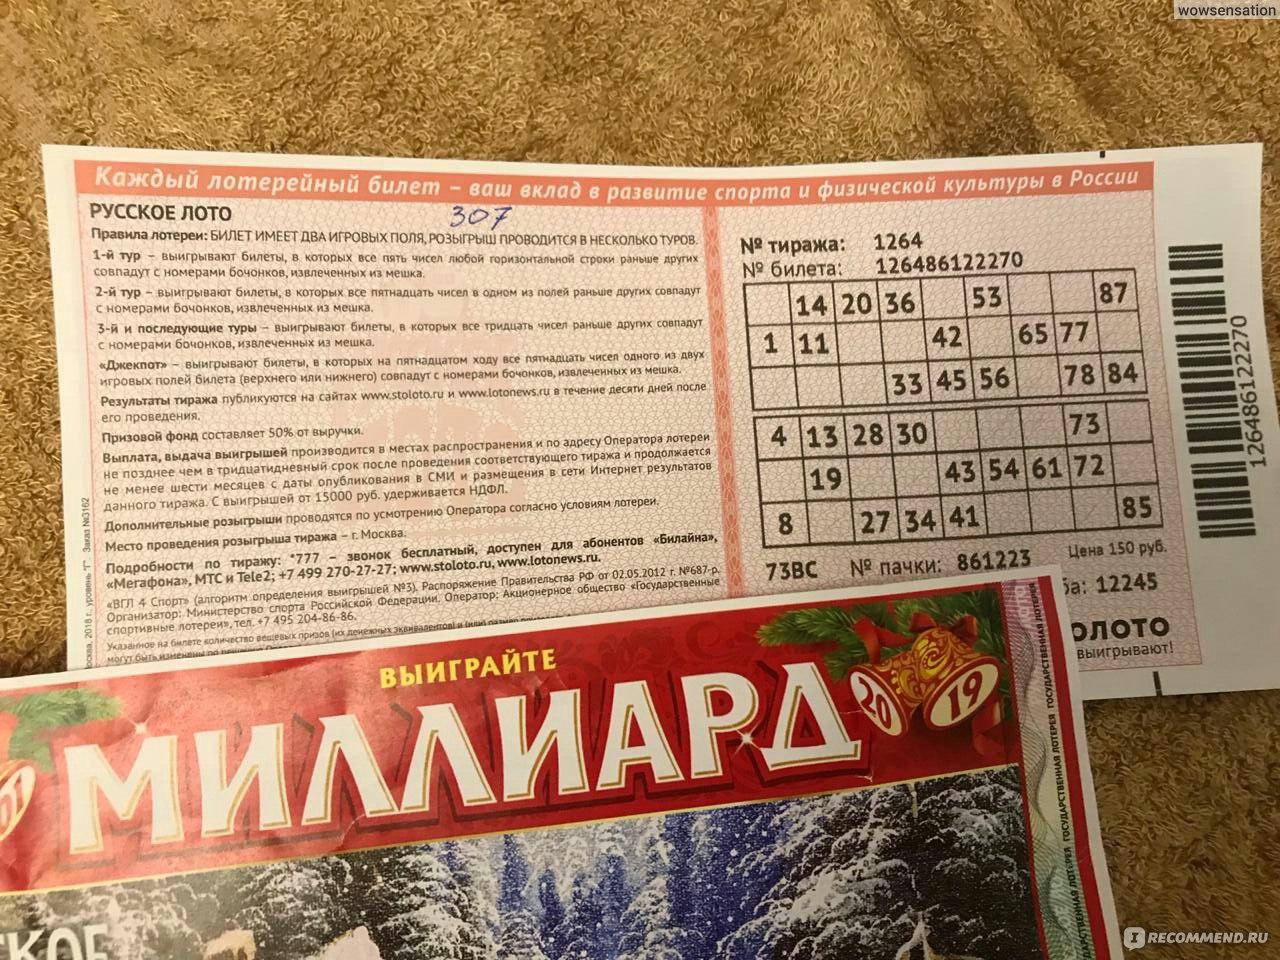 """Джекпоты в """"русское лото"""" фальшивые. могу доказать без сложных математ (2 фото): отзывы о лотерея «русское лото» - столото - первый независимый сайт отзывов россии"""